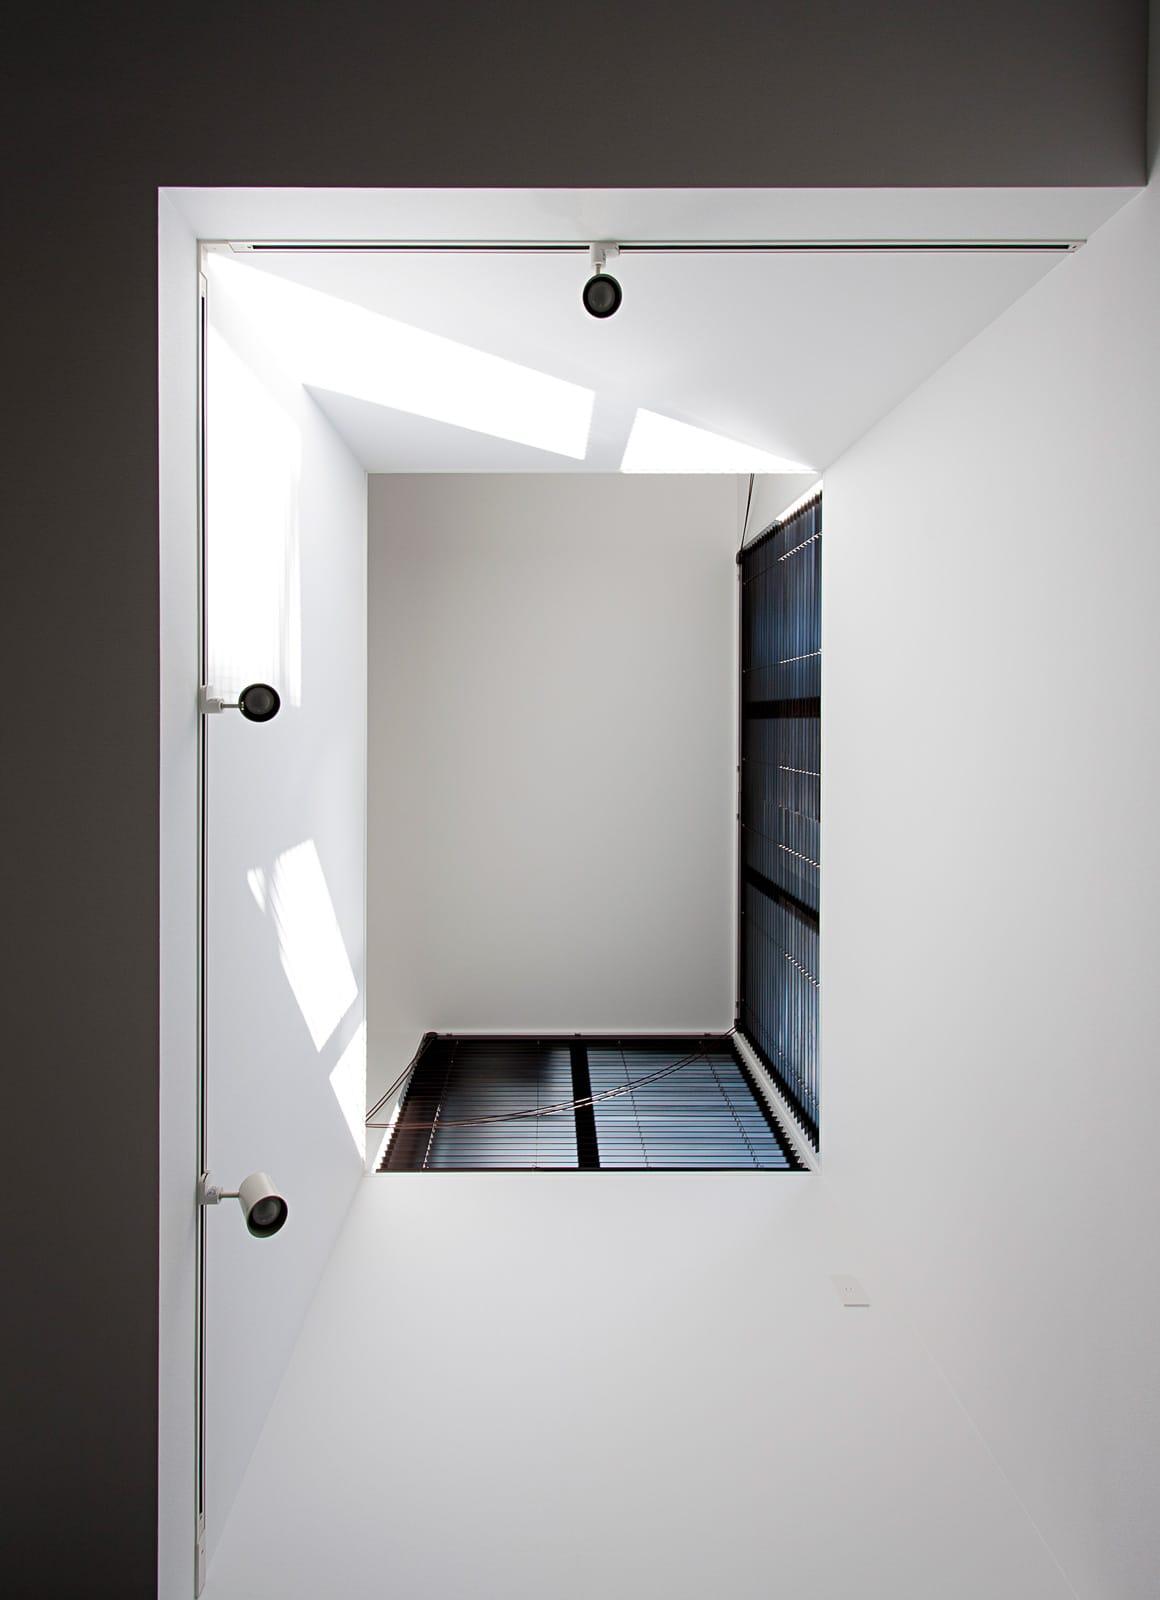 気配を感じる玄関土間のある家の吹き抜け1